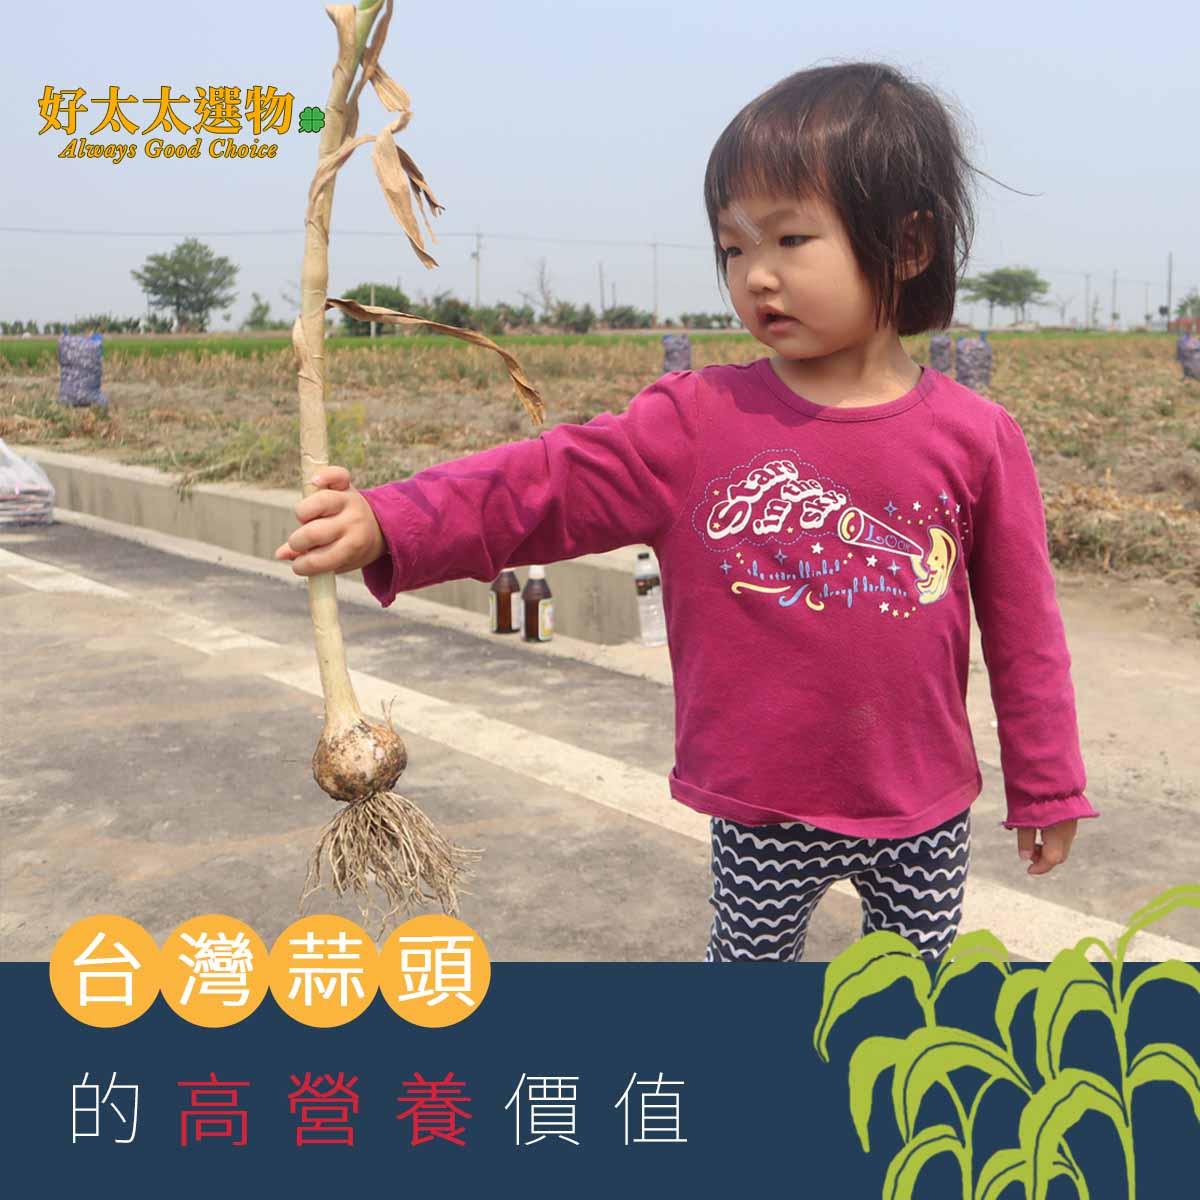 採訪當天,氣候涼爽,菲比也覺得在田裡玩沙和看阿婆剪蒜頭得好玩。